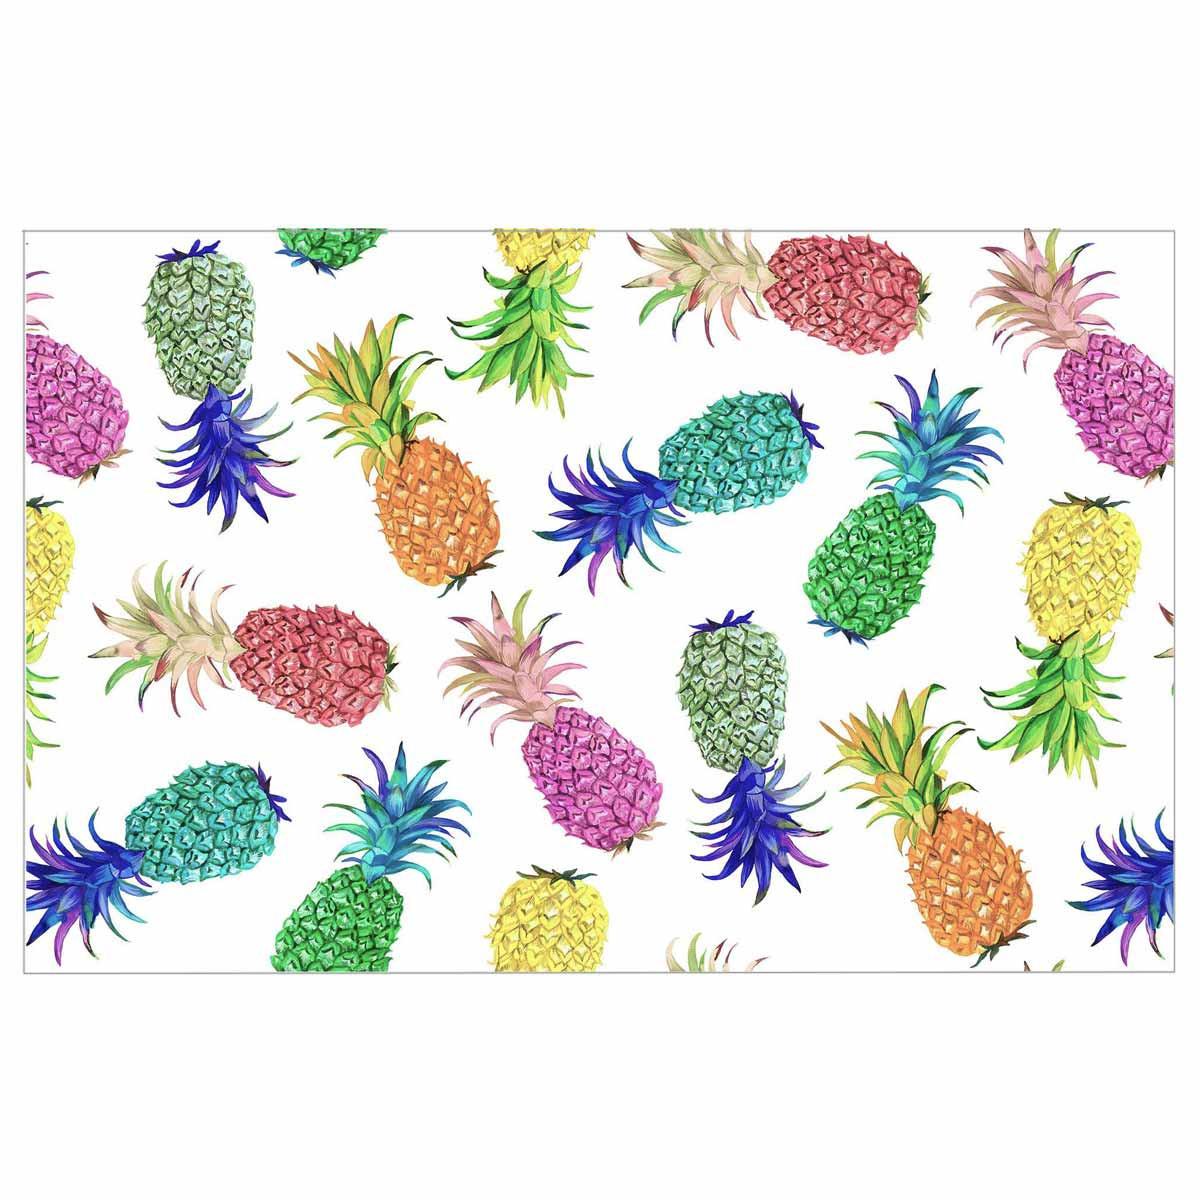 Σουπλά Folie Ananas Blanc 1790362